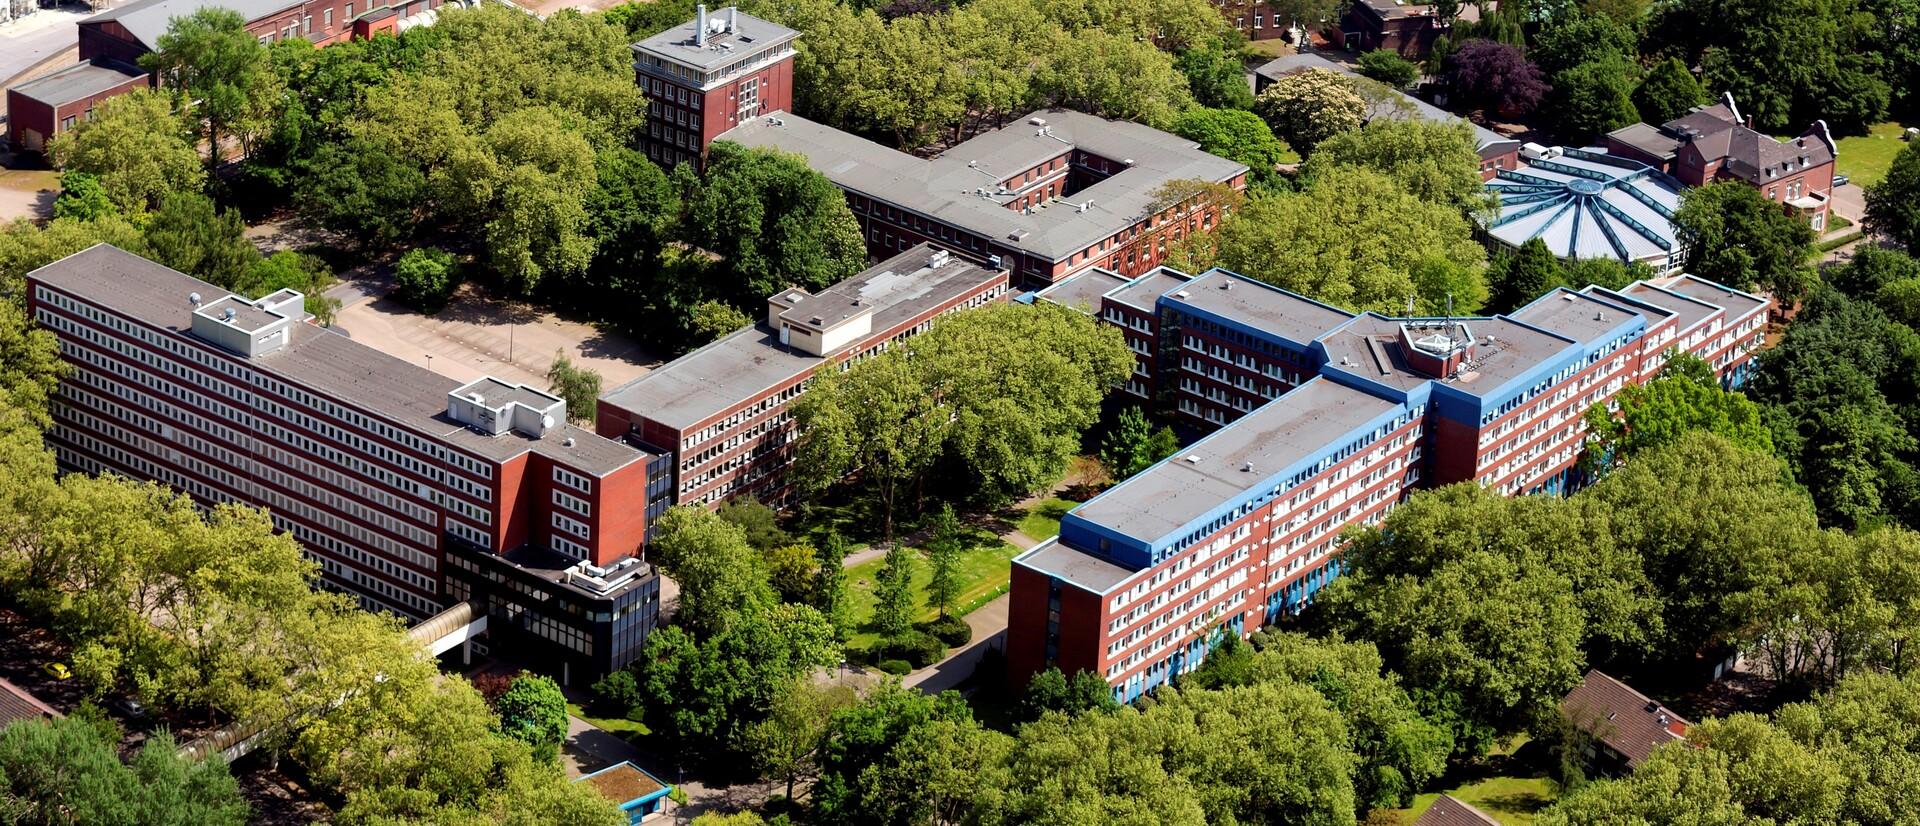 Luftaufnahme Shamrockpark Quelle Dietmar Klingenburg.jpg